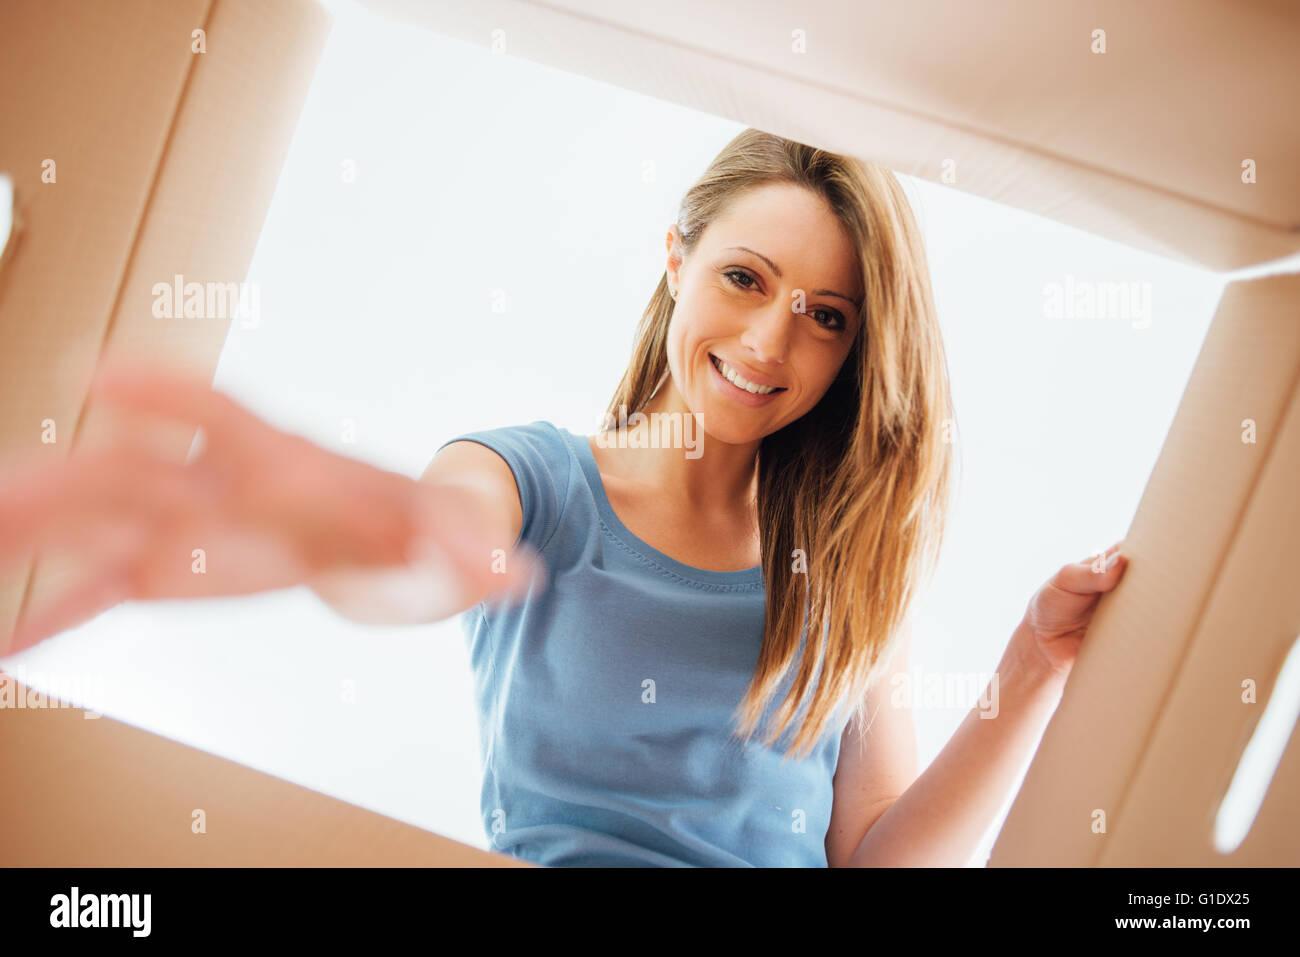 Lächelnde junge Frau einen Karton, Umzug öffnen und Auspacken Konzept Stockfoto